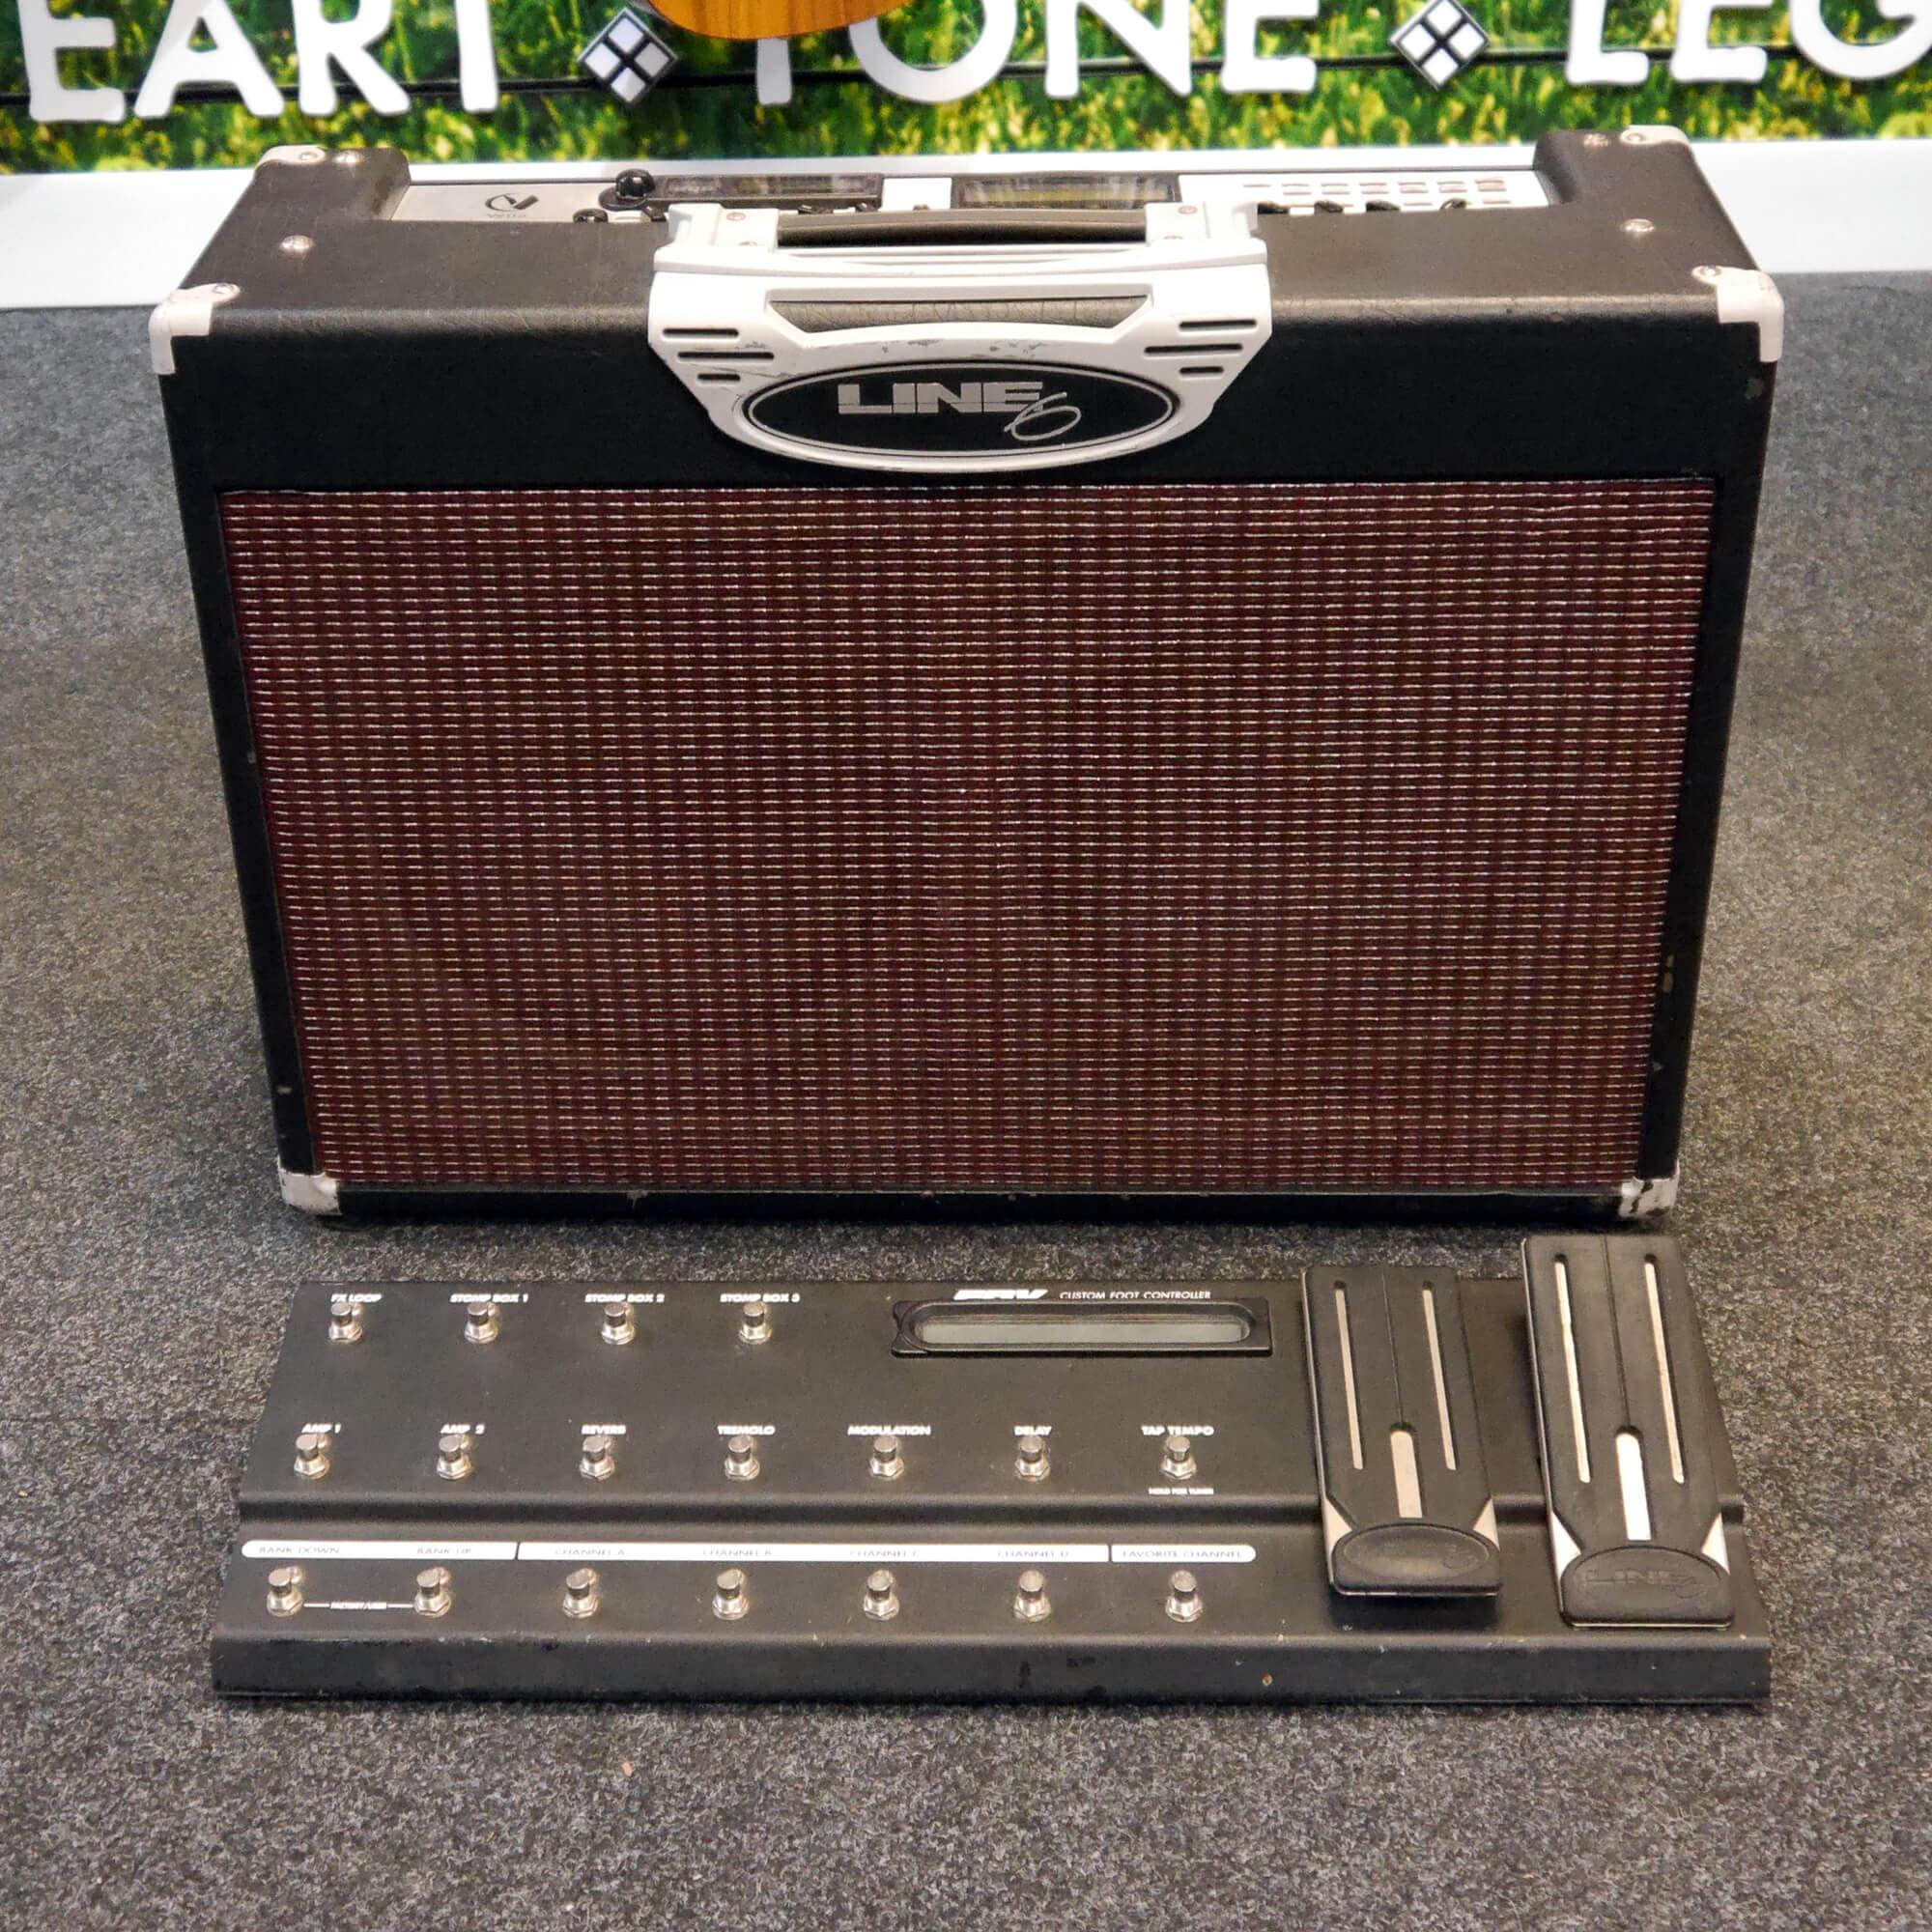 Line 6 Vetta Guitar Combo Amplifier - 2nd Hand